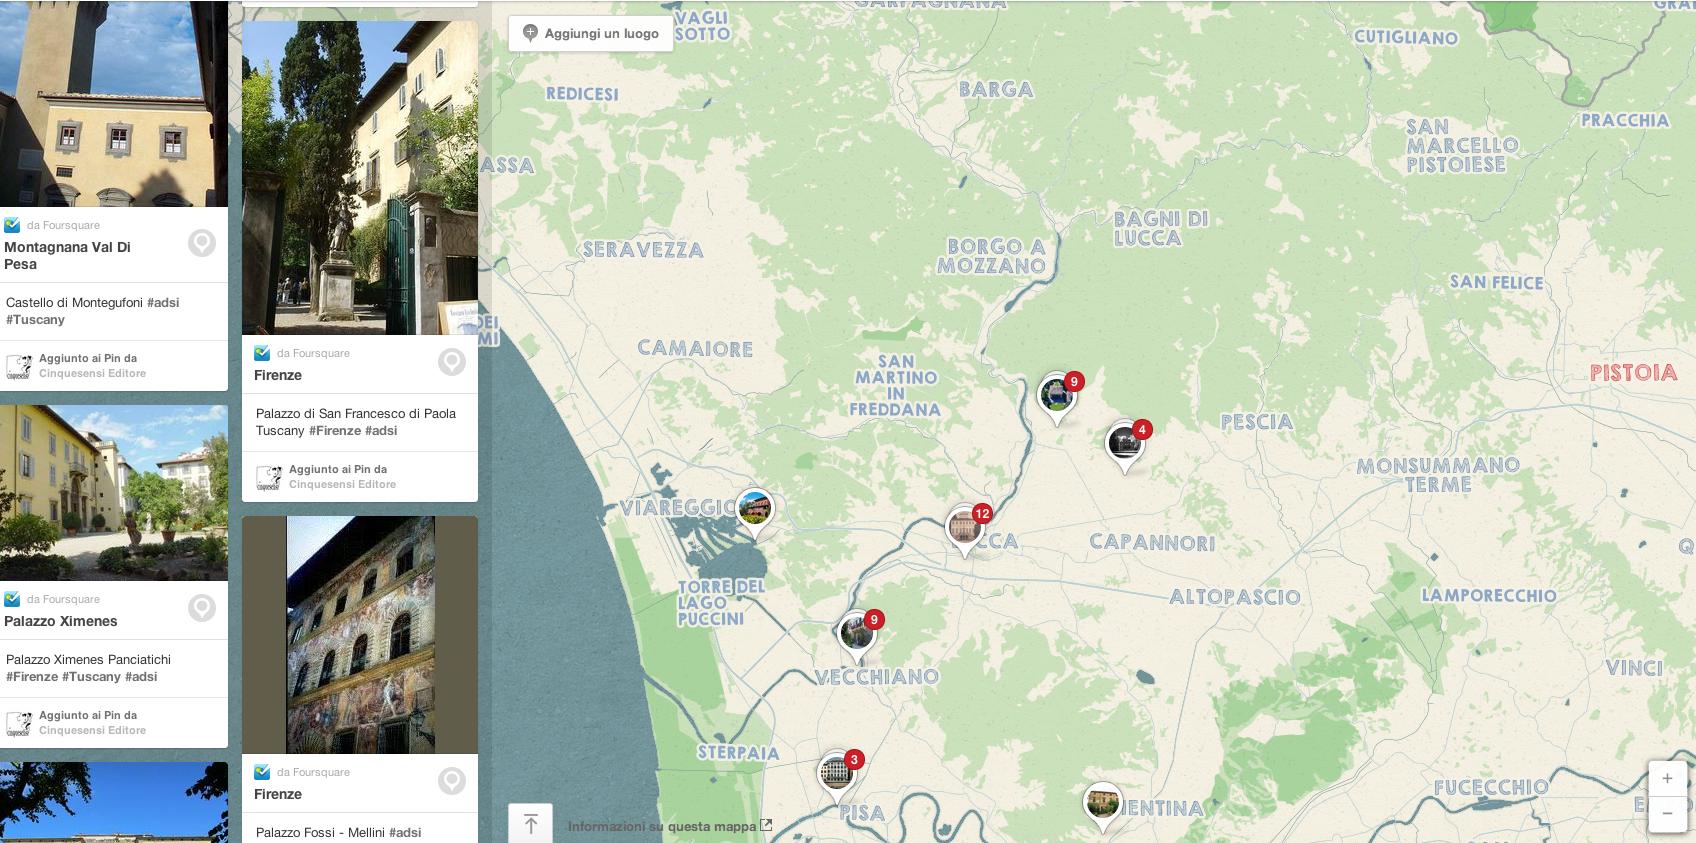 cortili e i giardini aperti 25 maggio 2014  ADSI Toscana news